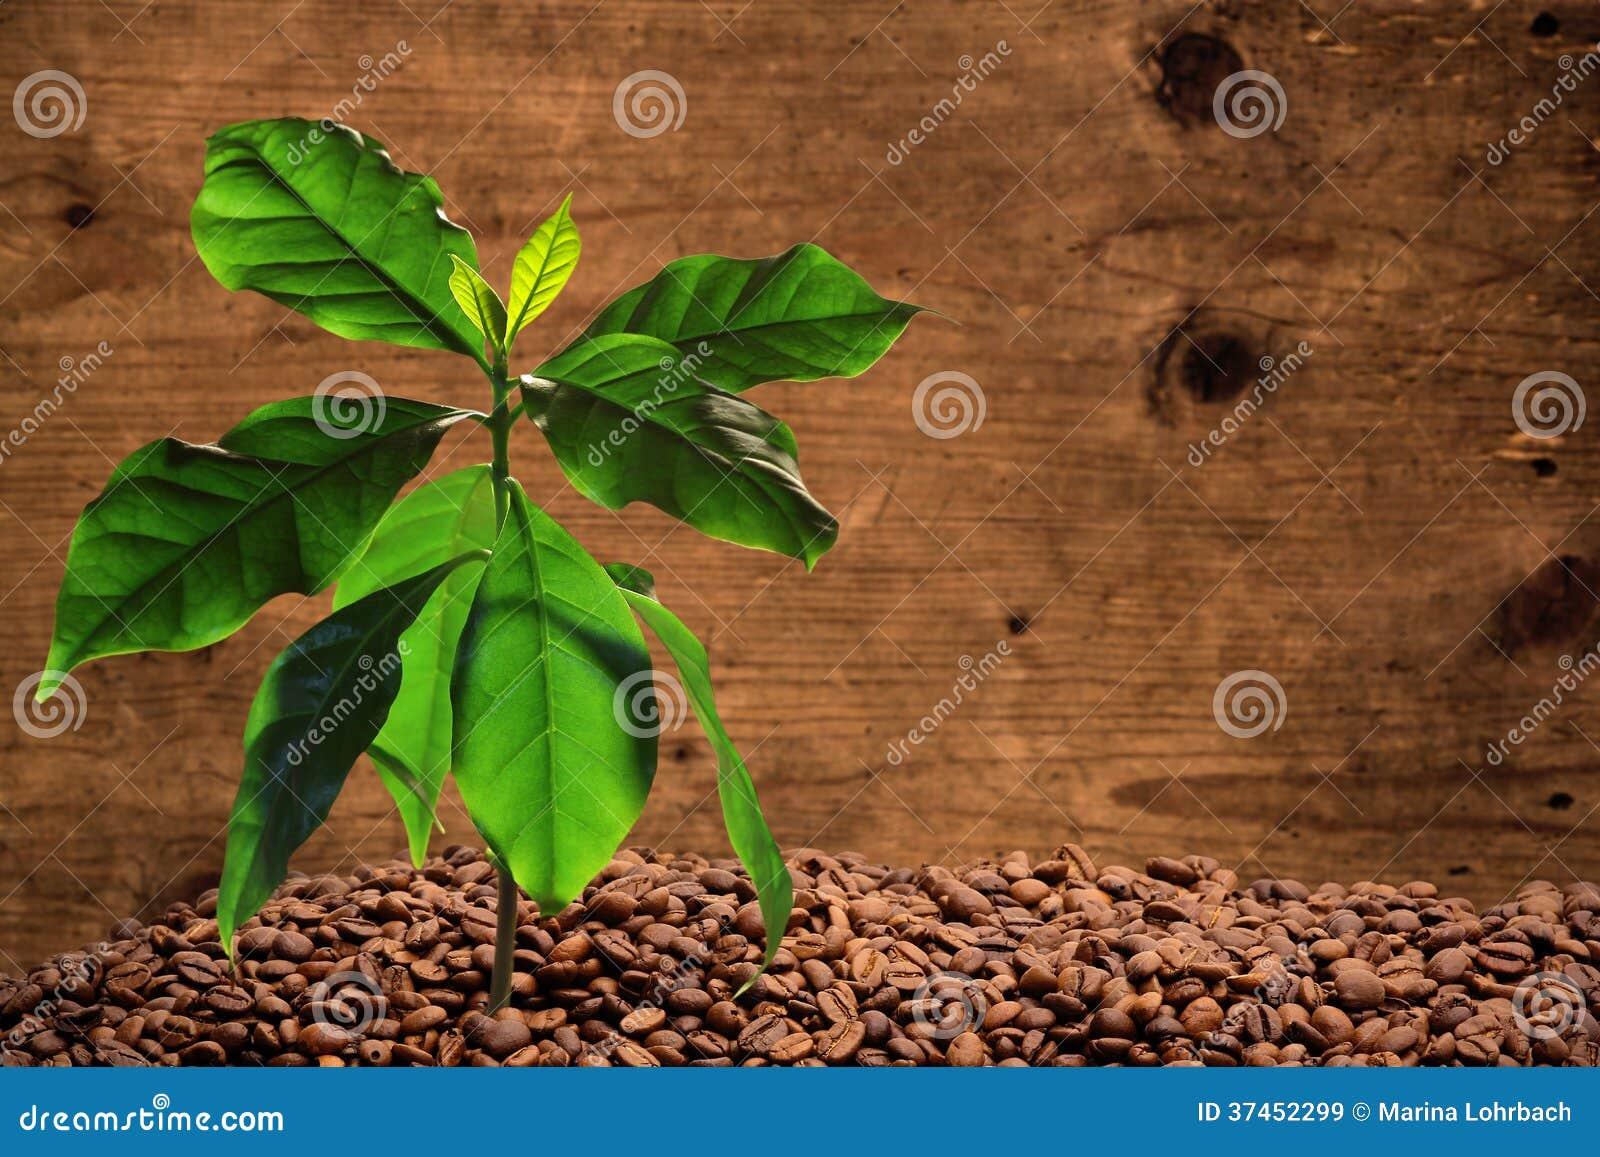 coffee how to make a leaf